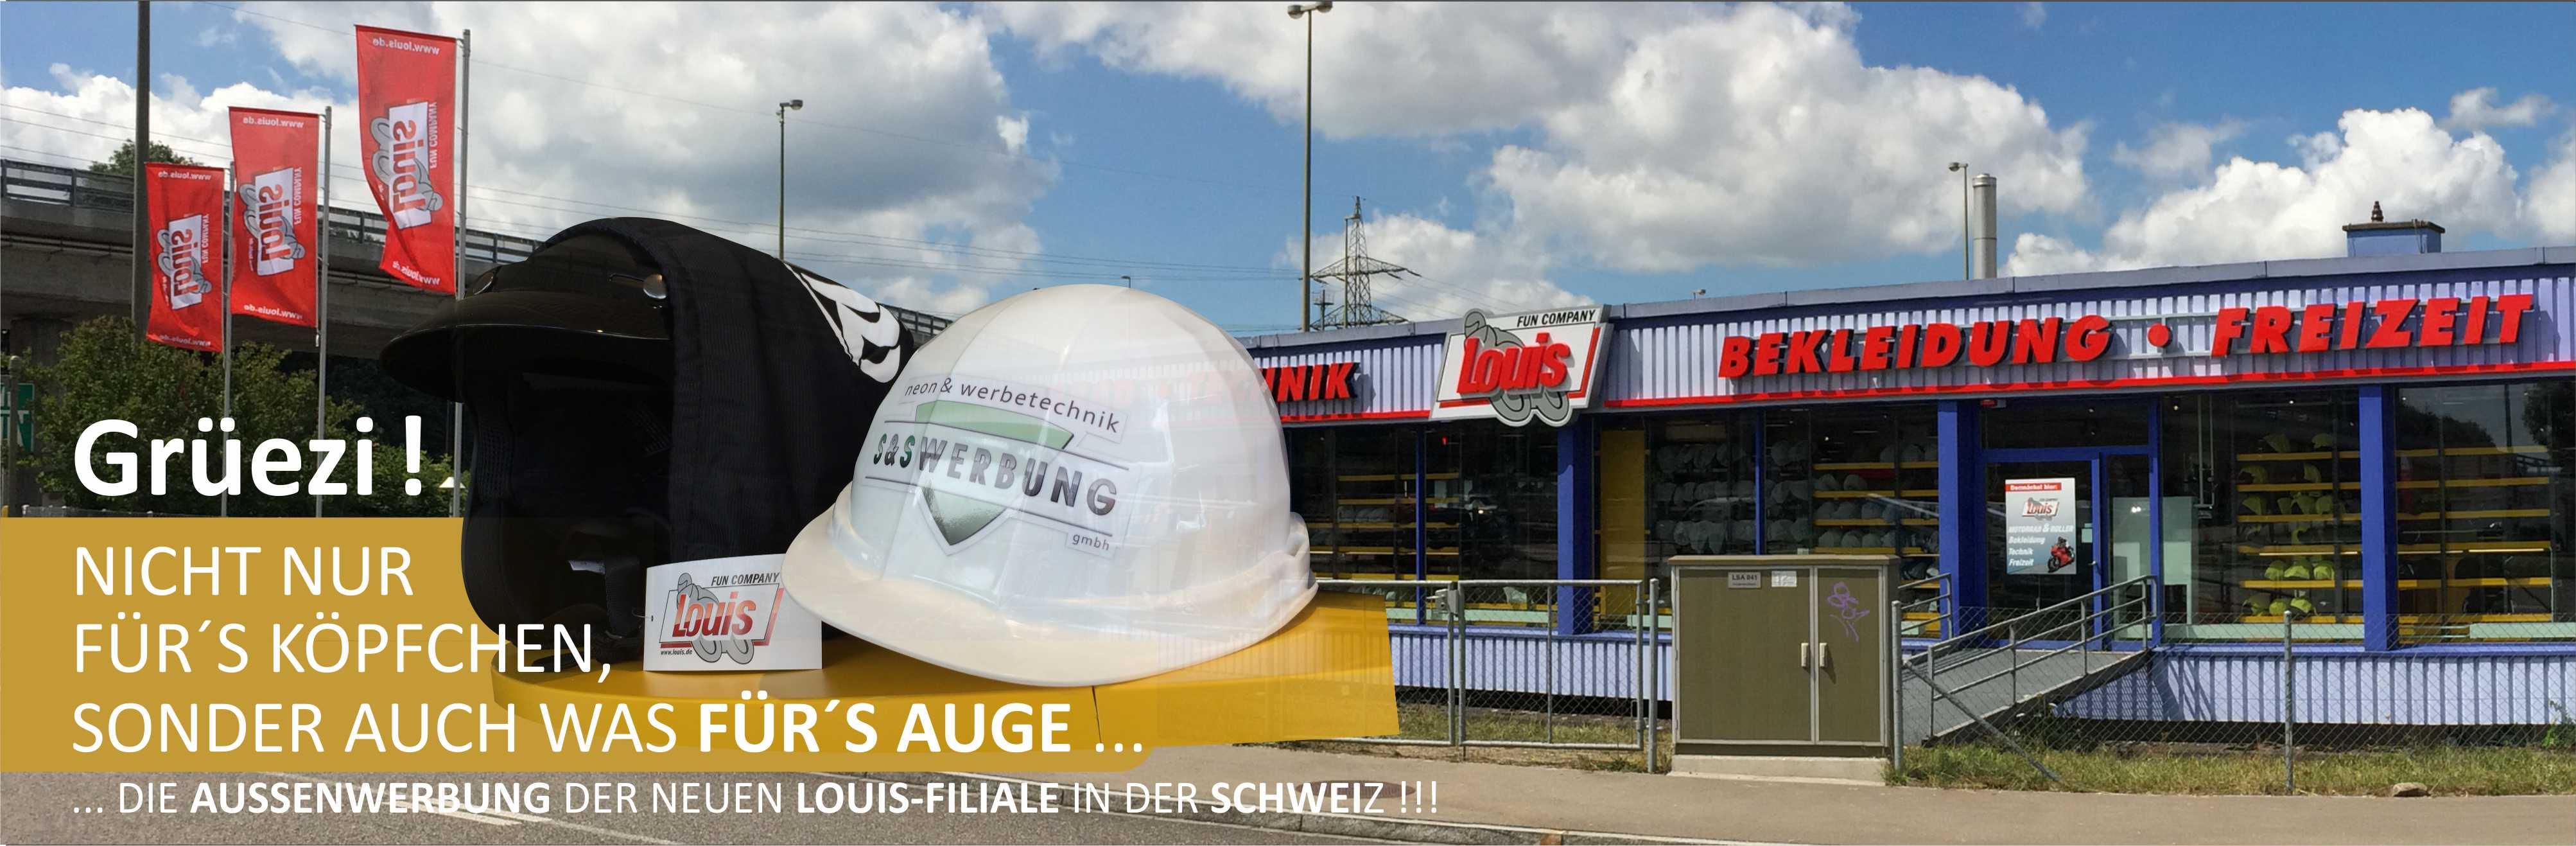 S&S Werbung, Regensburg: Louis Wallisellen